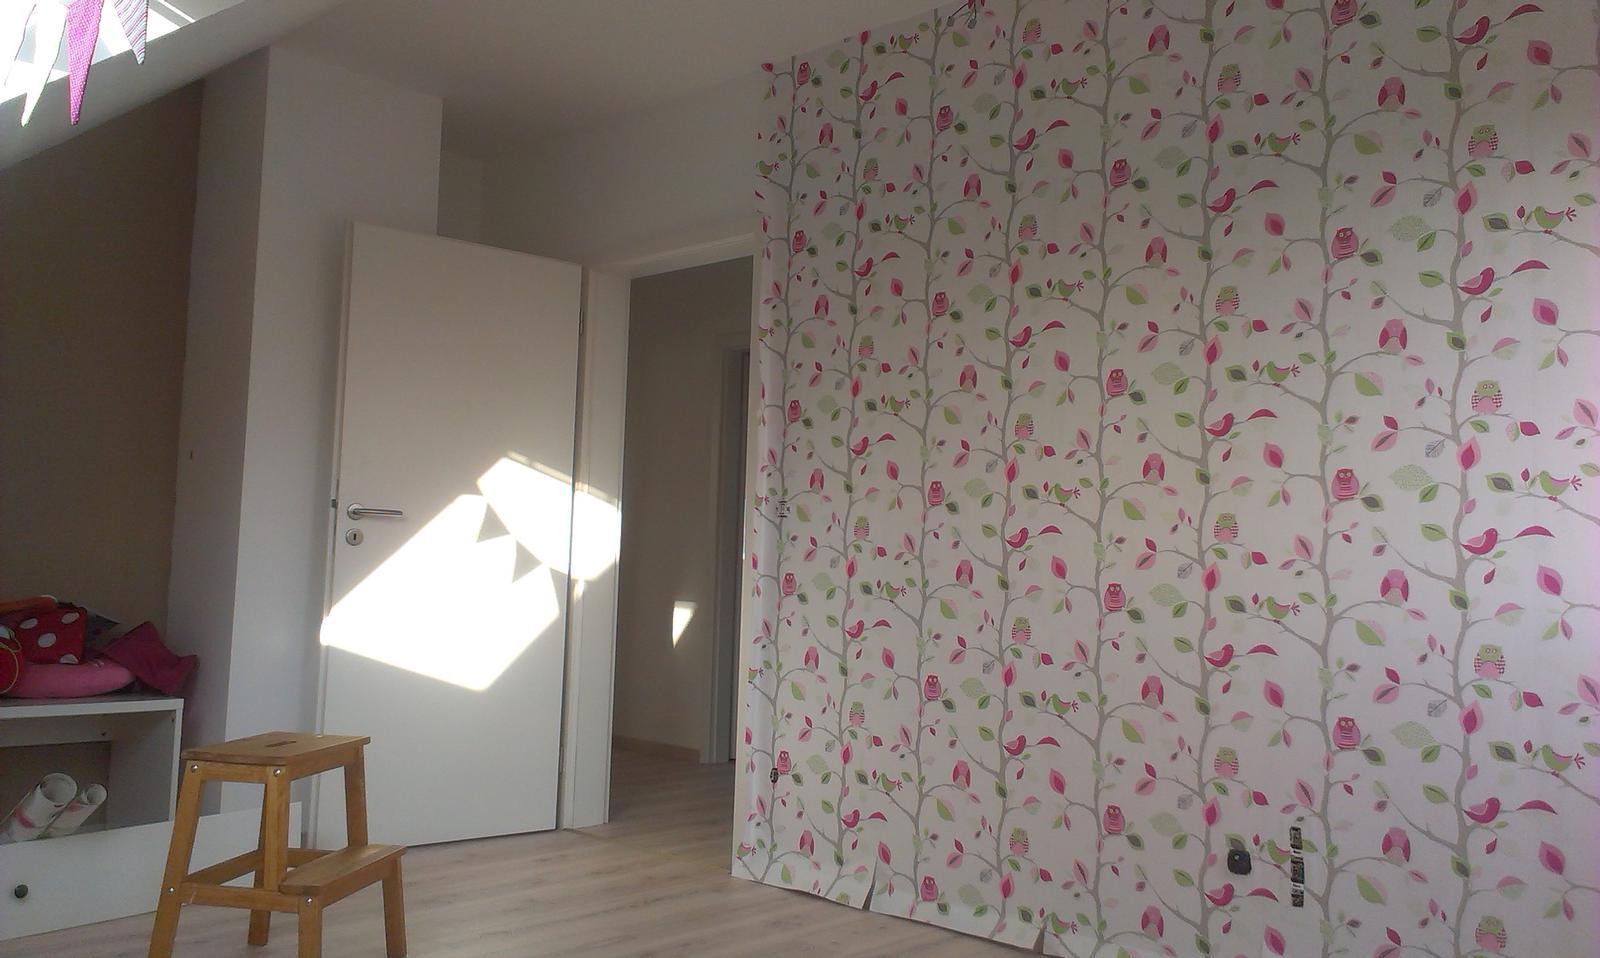 Nova 77 - Sovičková tapeta v detskej izbe - ešte ju musíme orezať